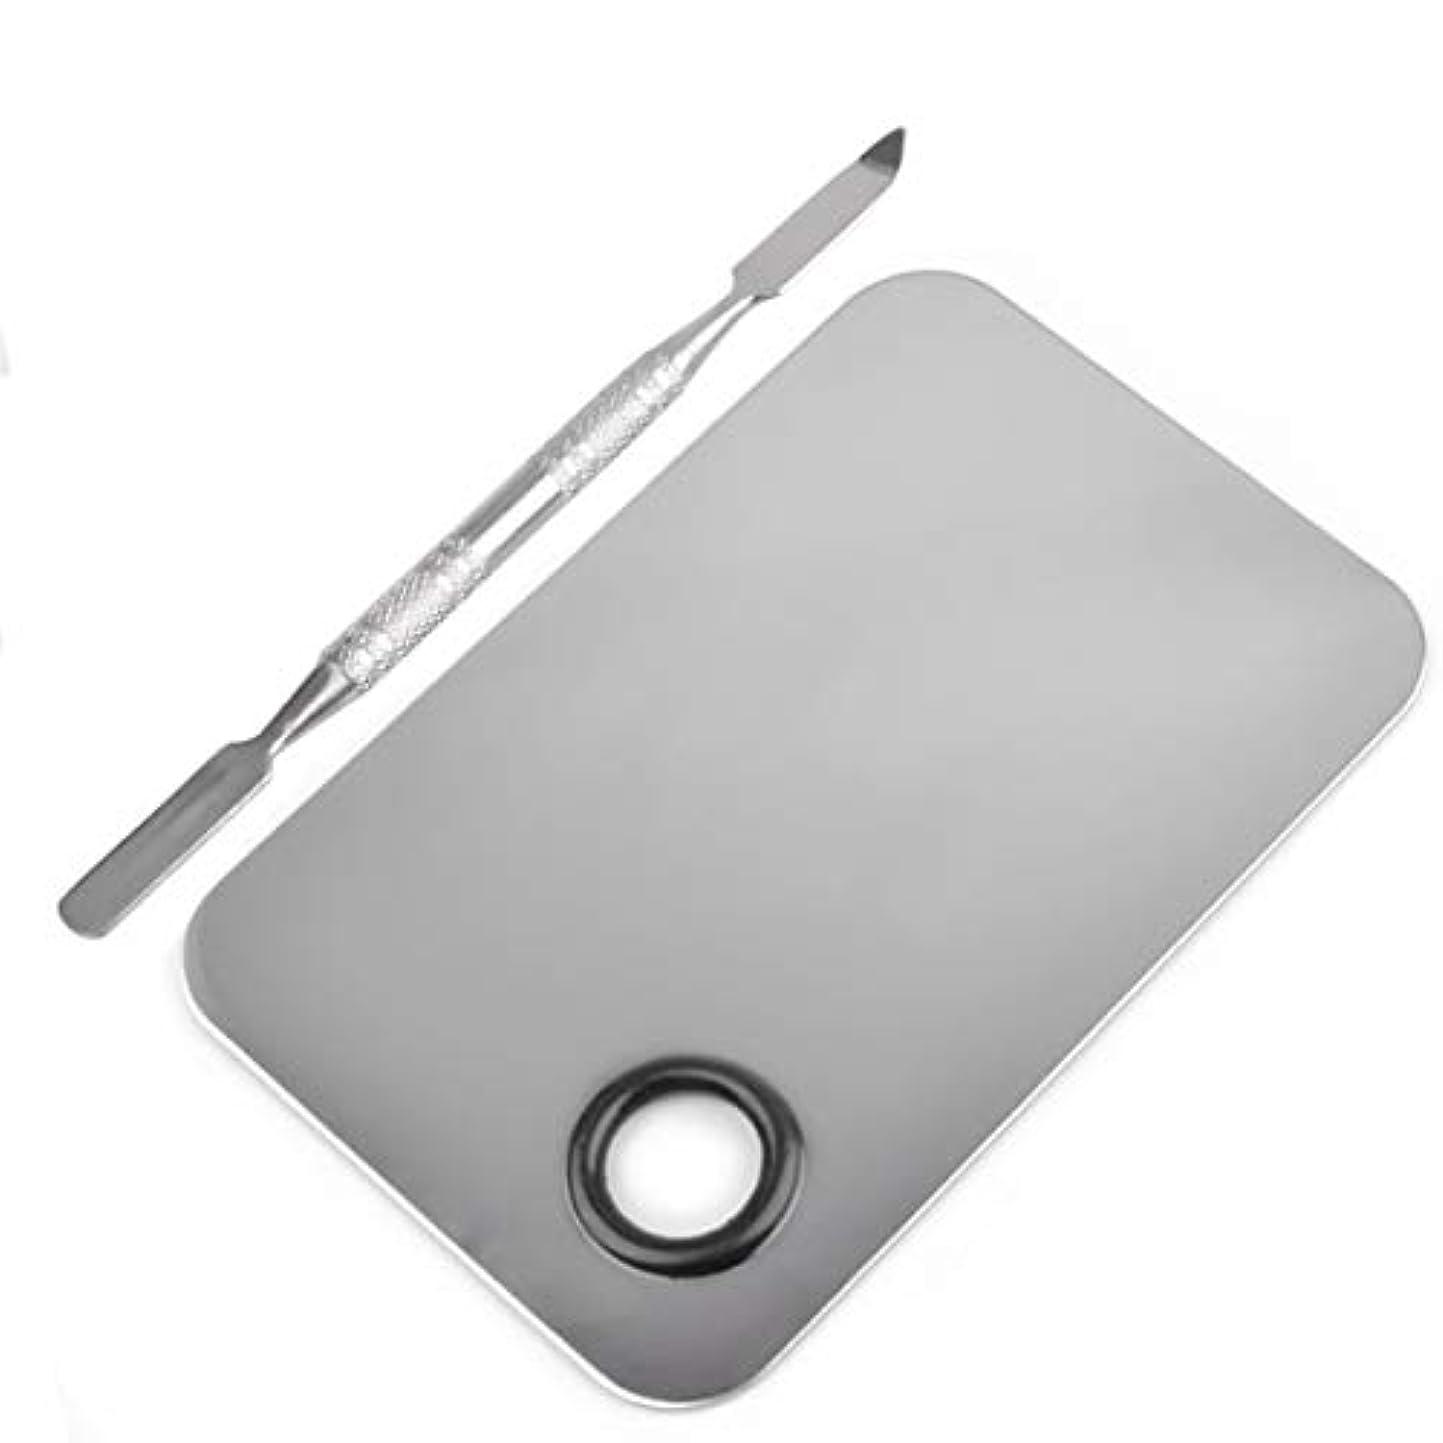 長方形の形のステンレス鋼化粧品メイクアップパレットへらツールセットネイルアート機器ツールキット美容ツール(シルバー)